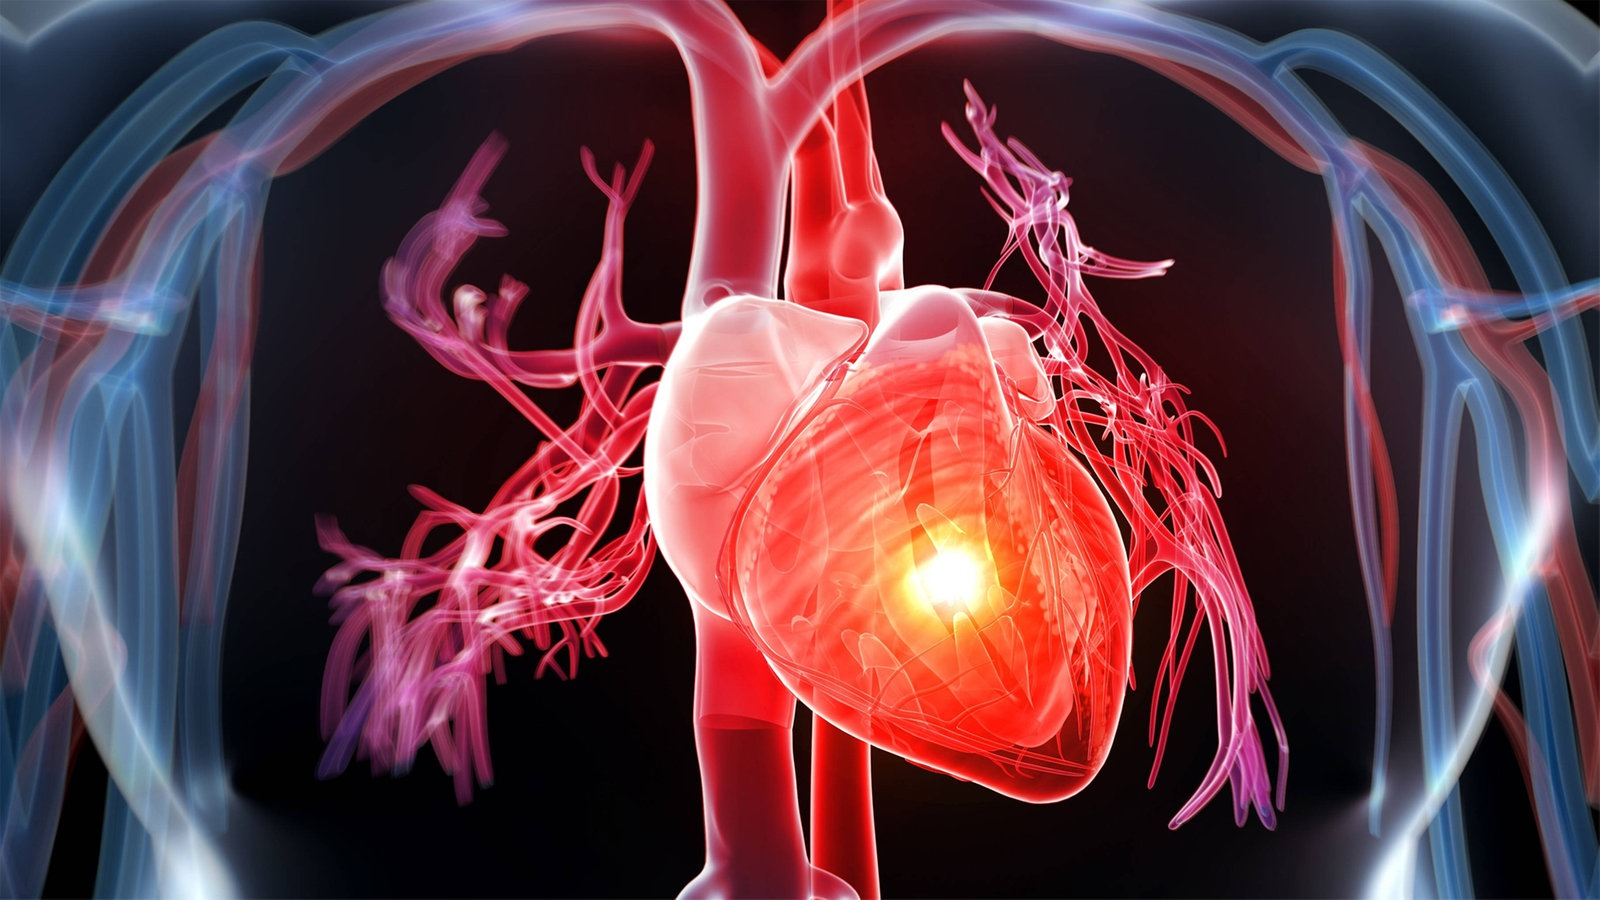 Herz: Herzinfarkt - Herz - Natur - Planet Wissen